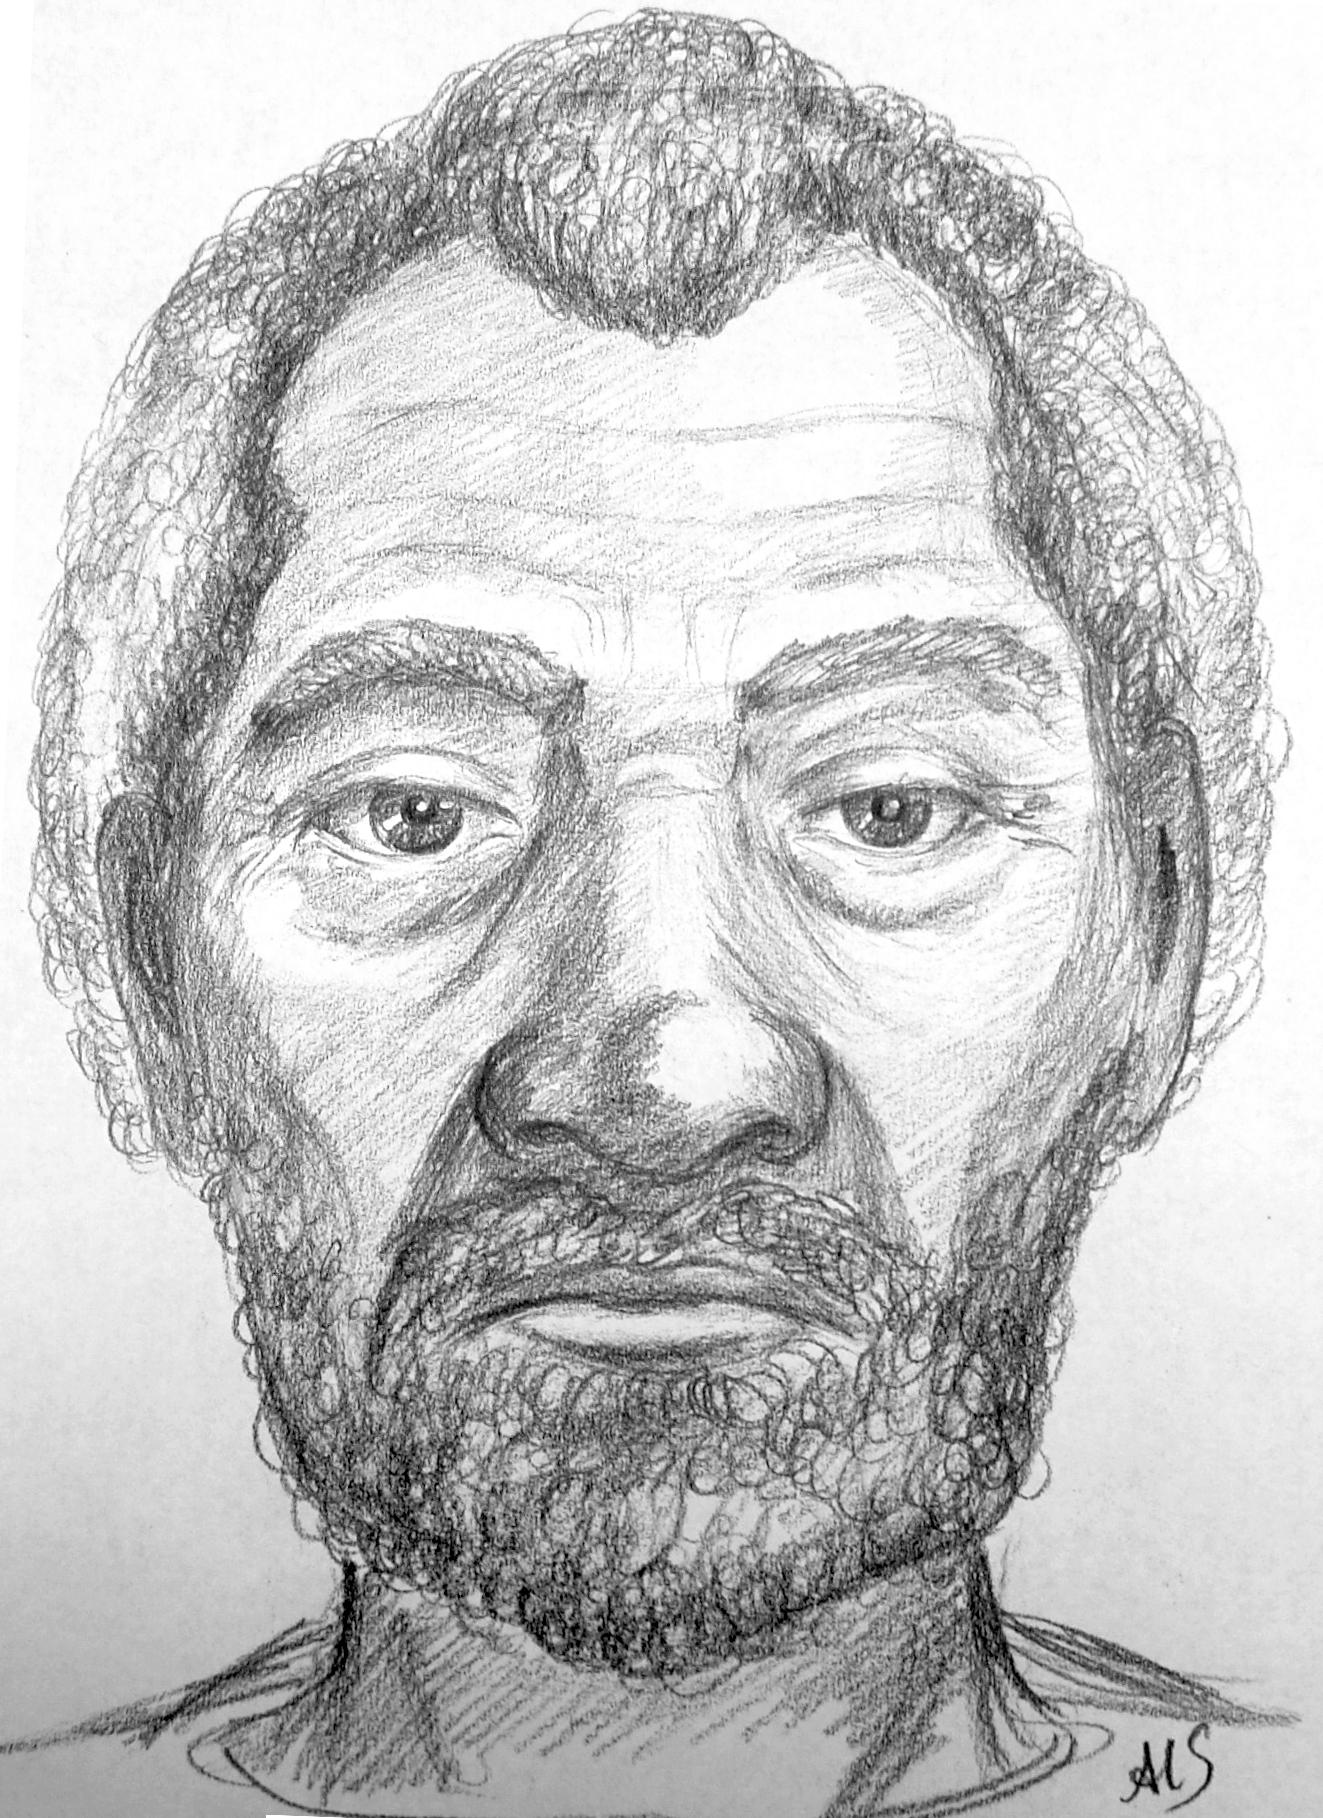 St. Johns County John Doe (2015)